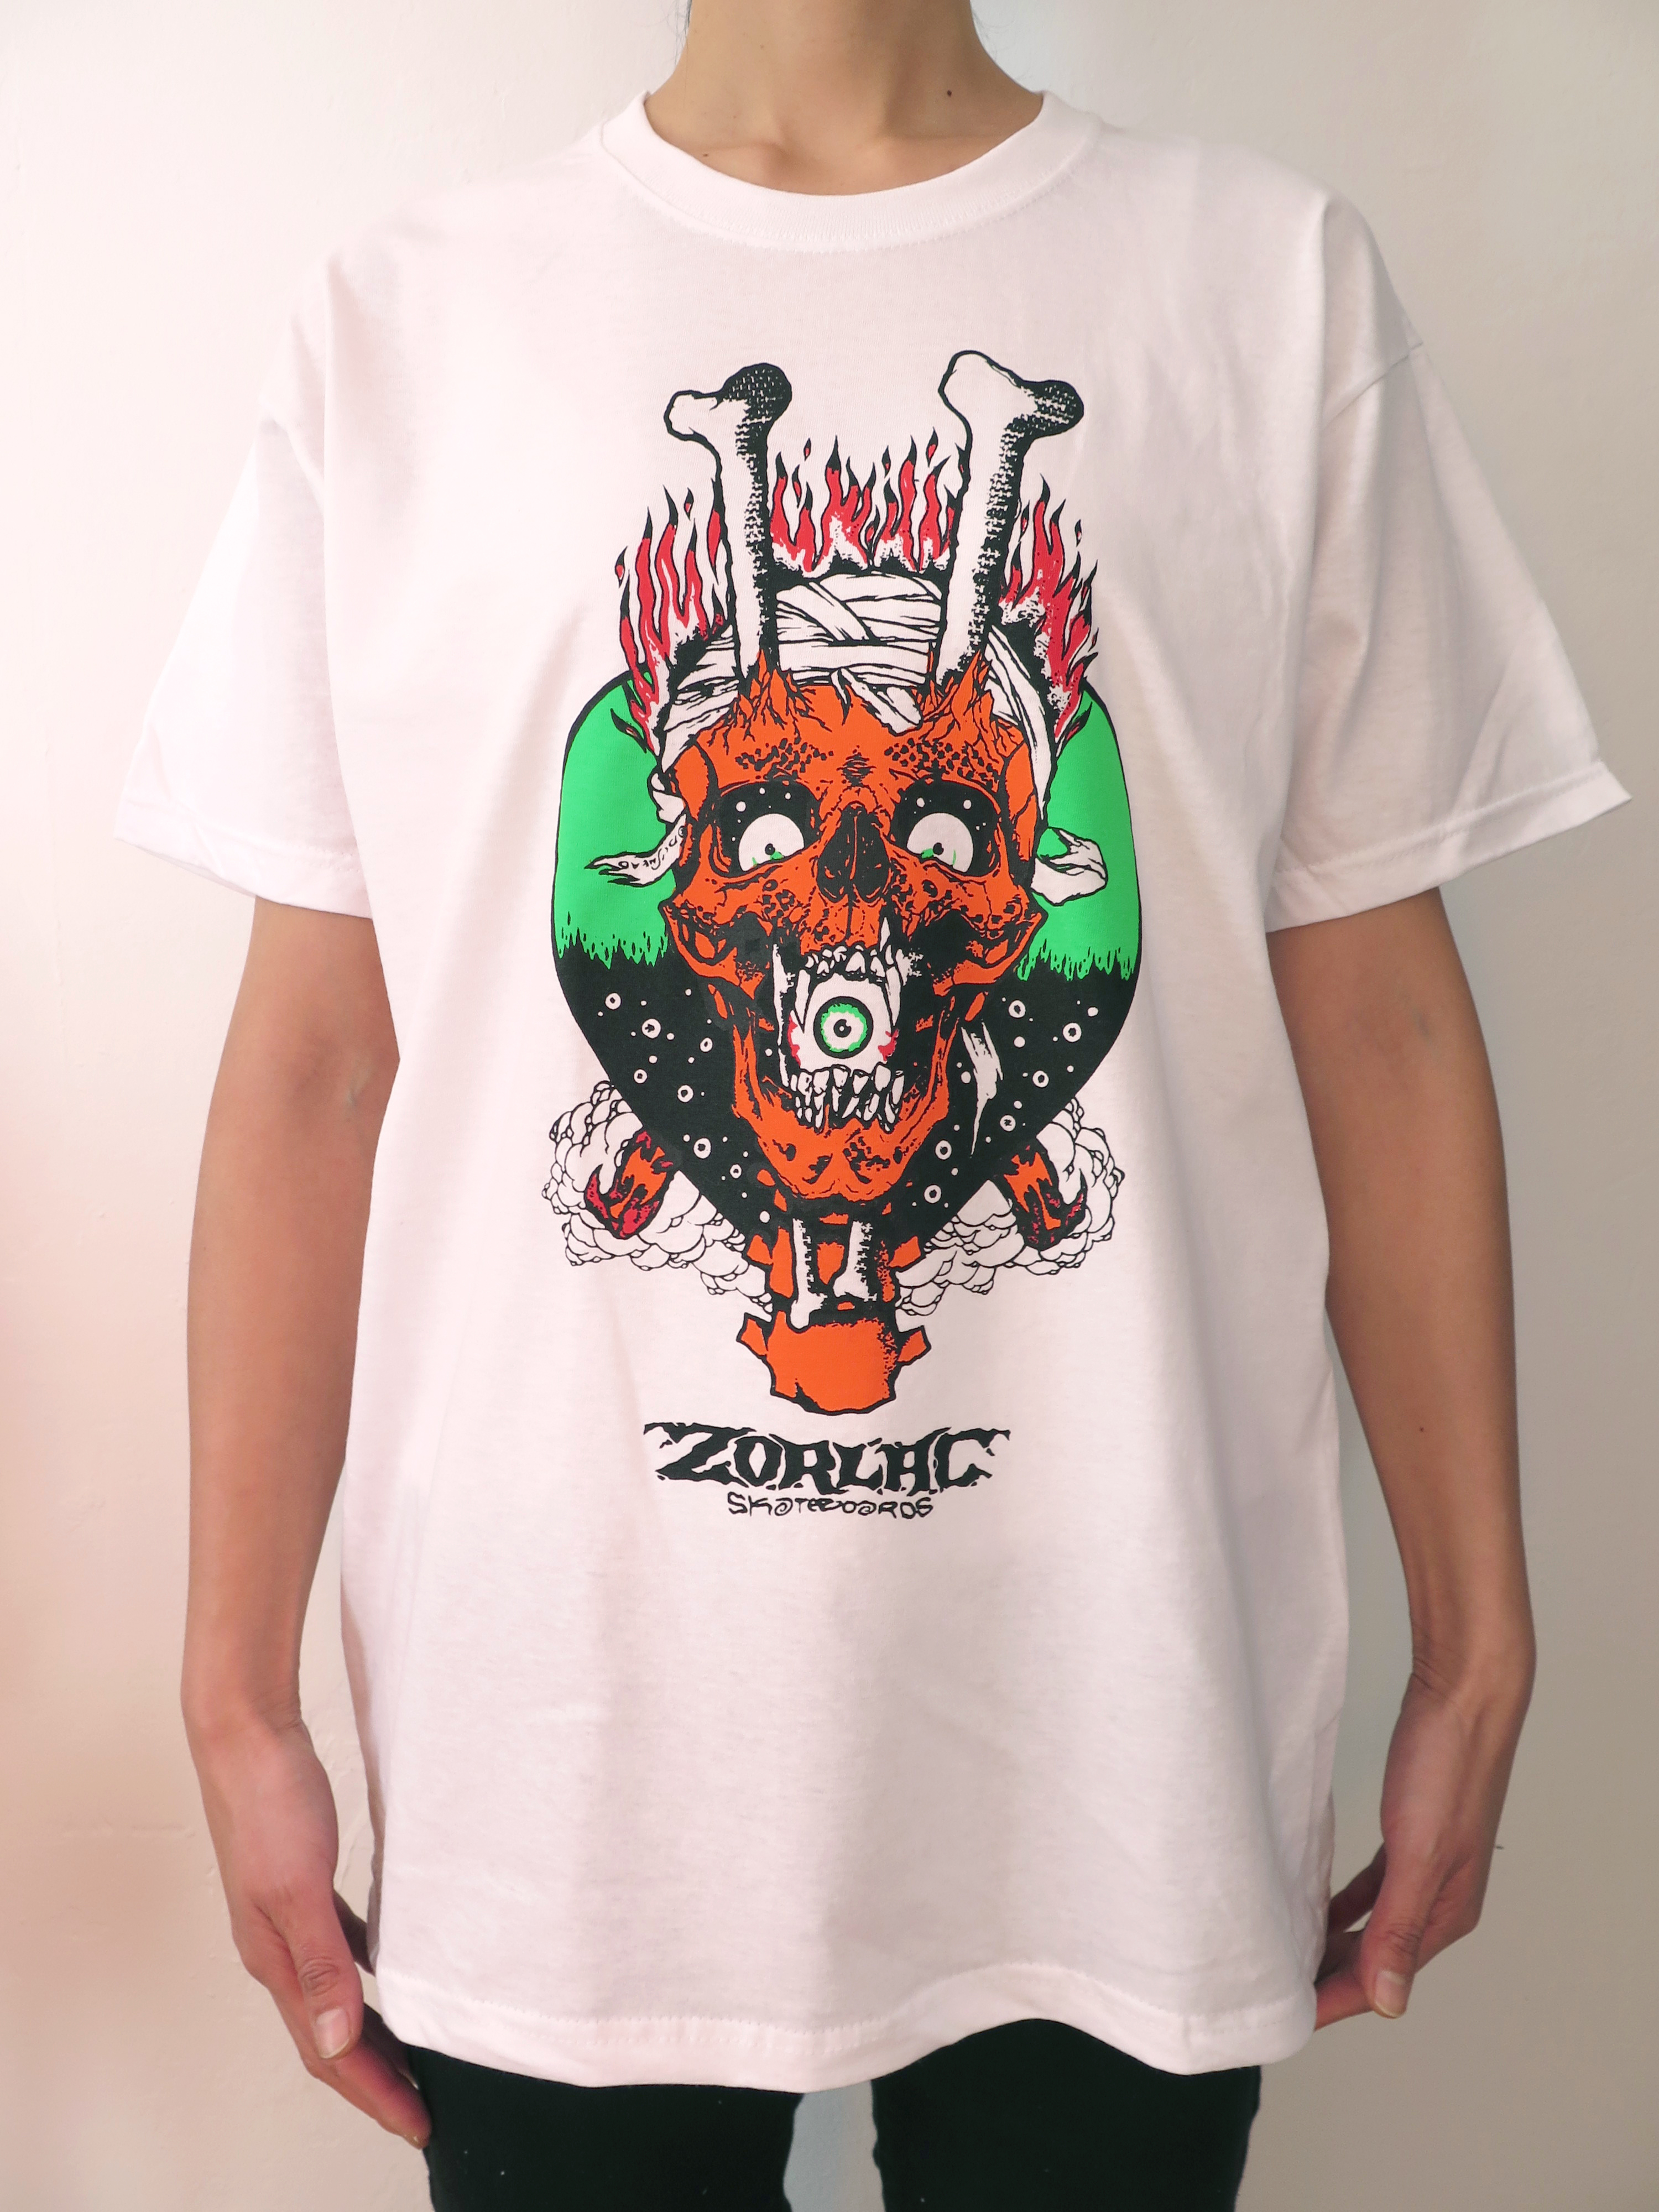 Zorlac Metallica tshirt